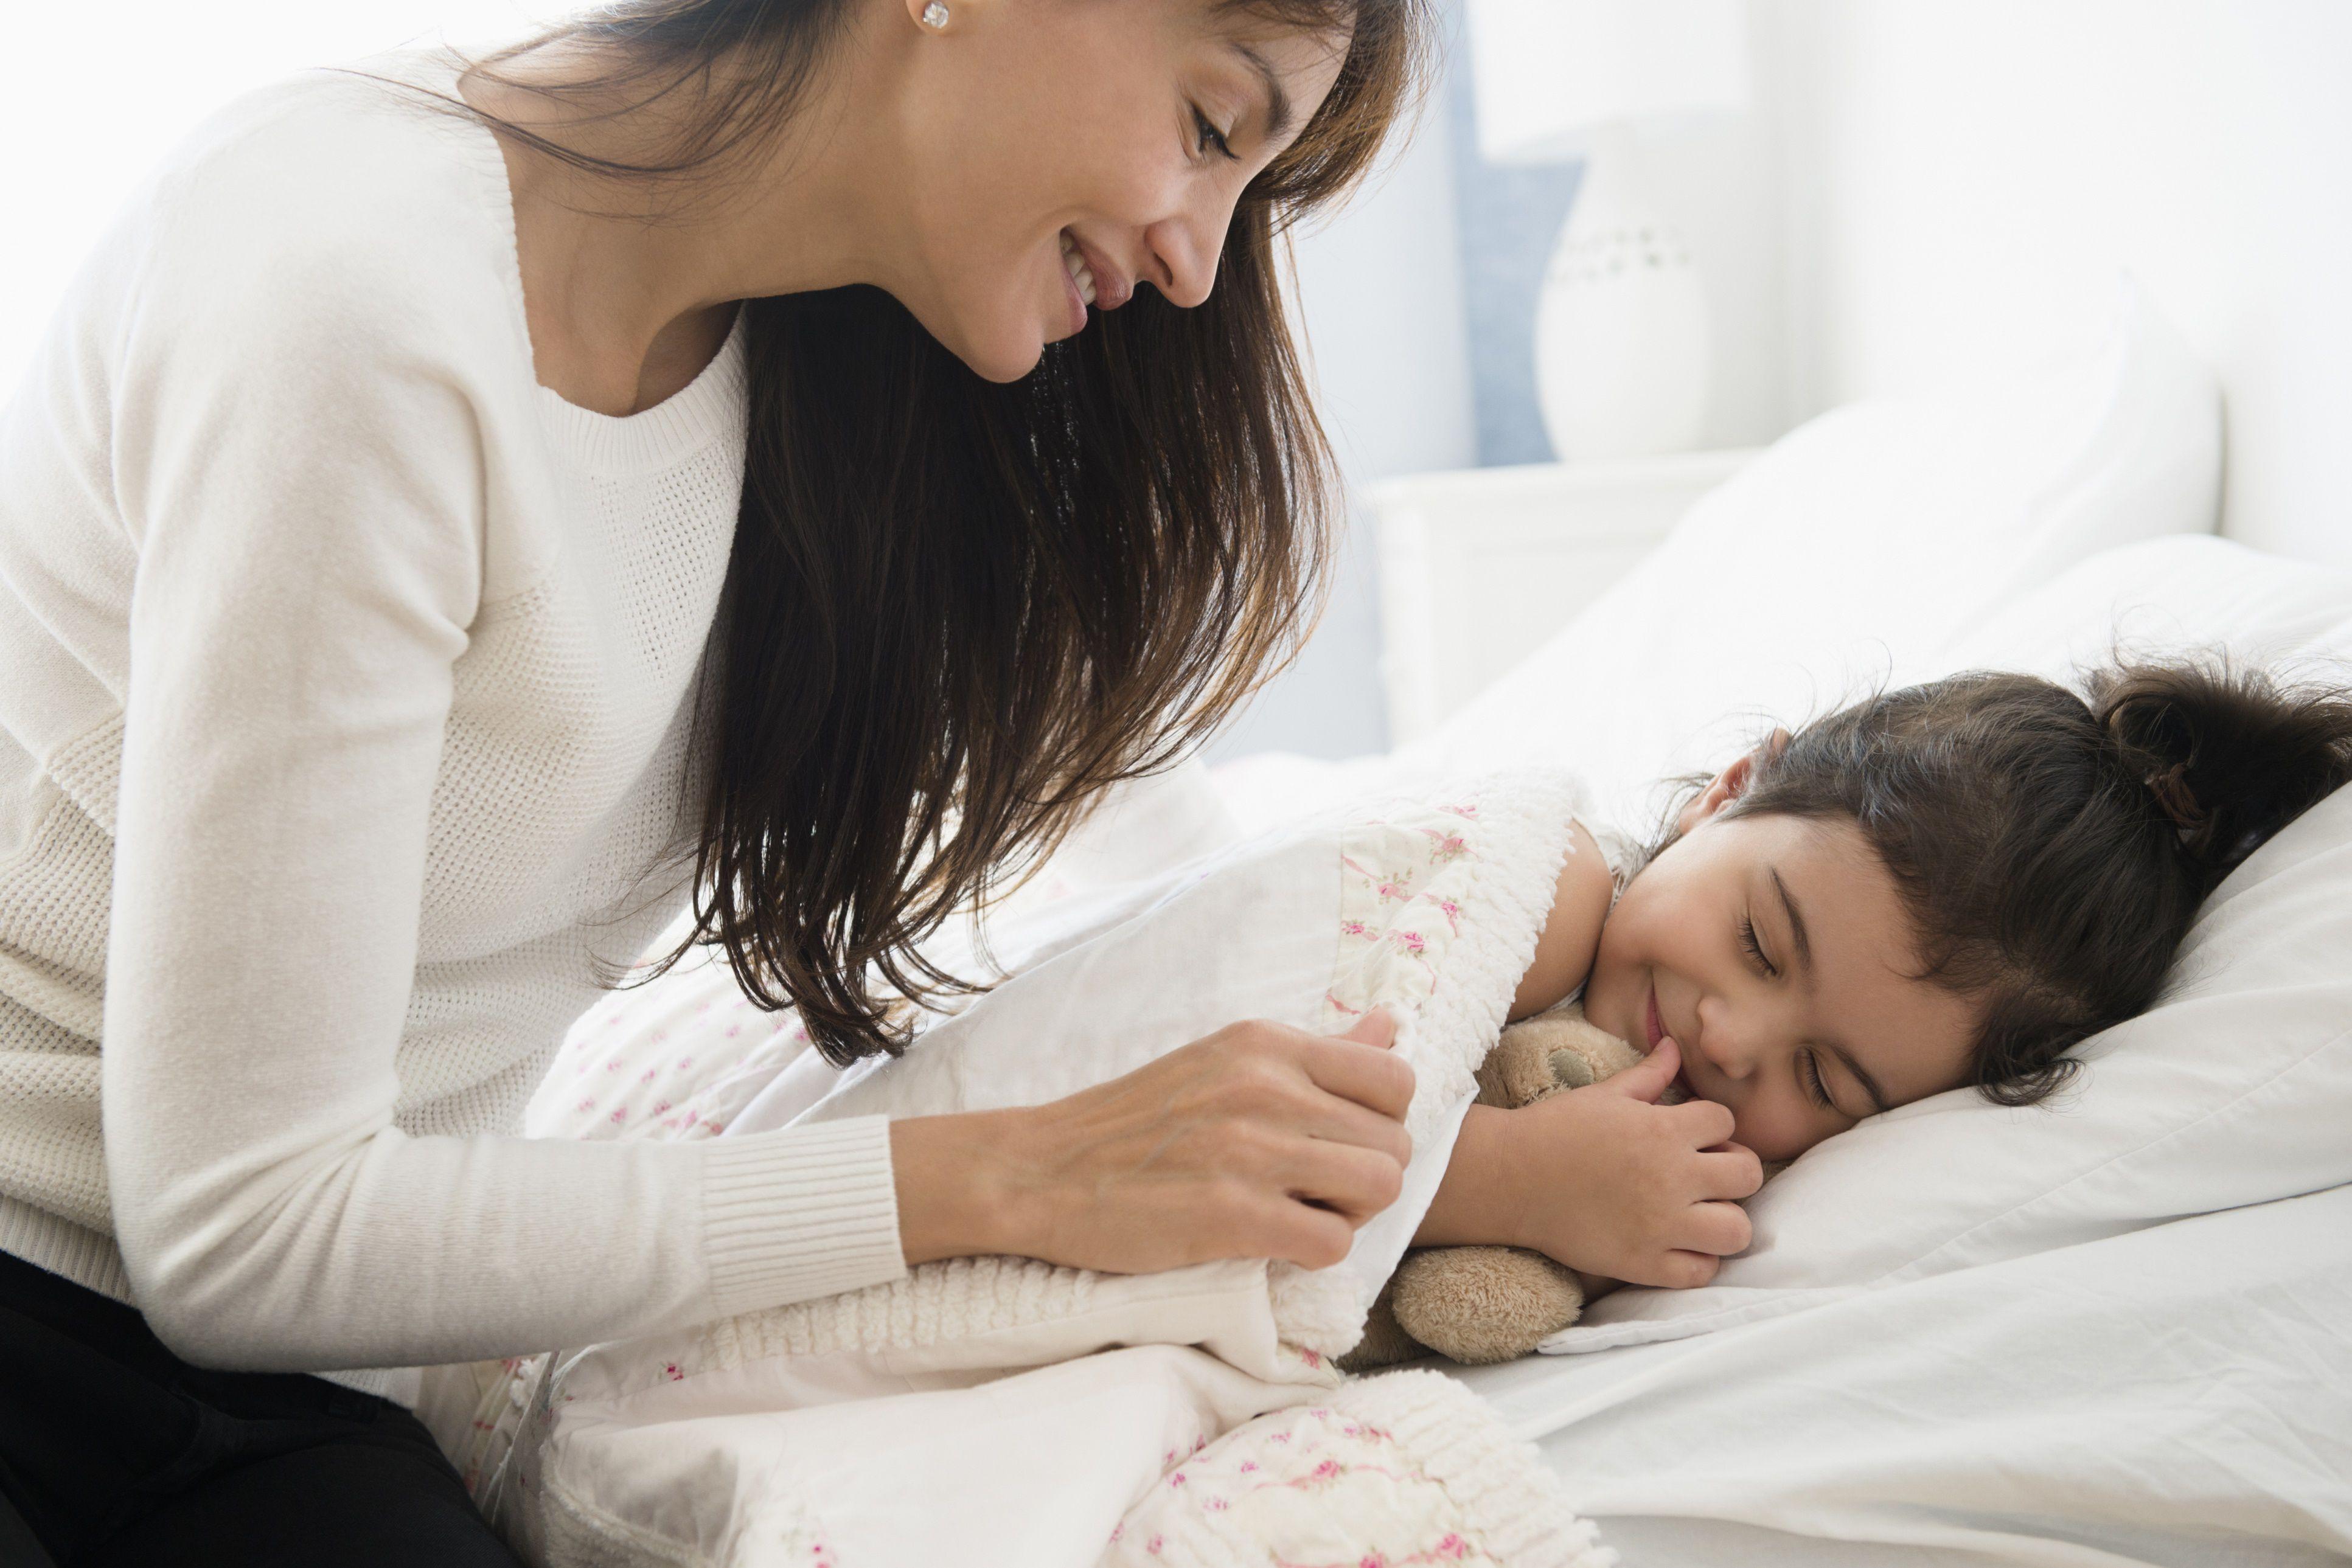 обоев картинки мама укладывает спать дочку фоне этой